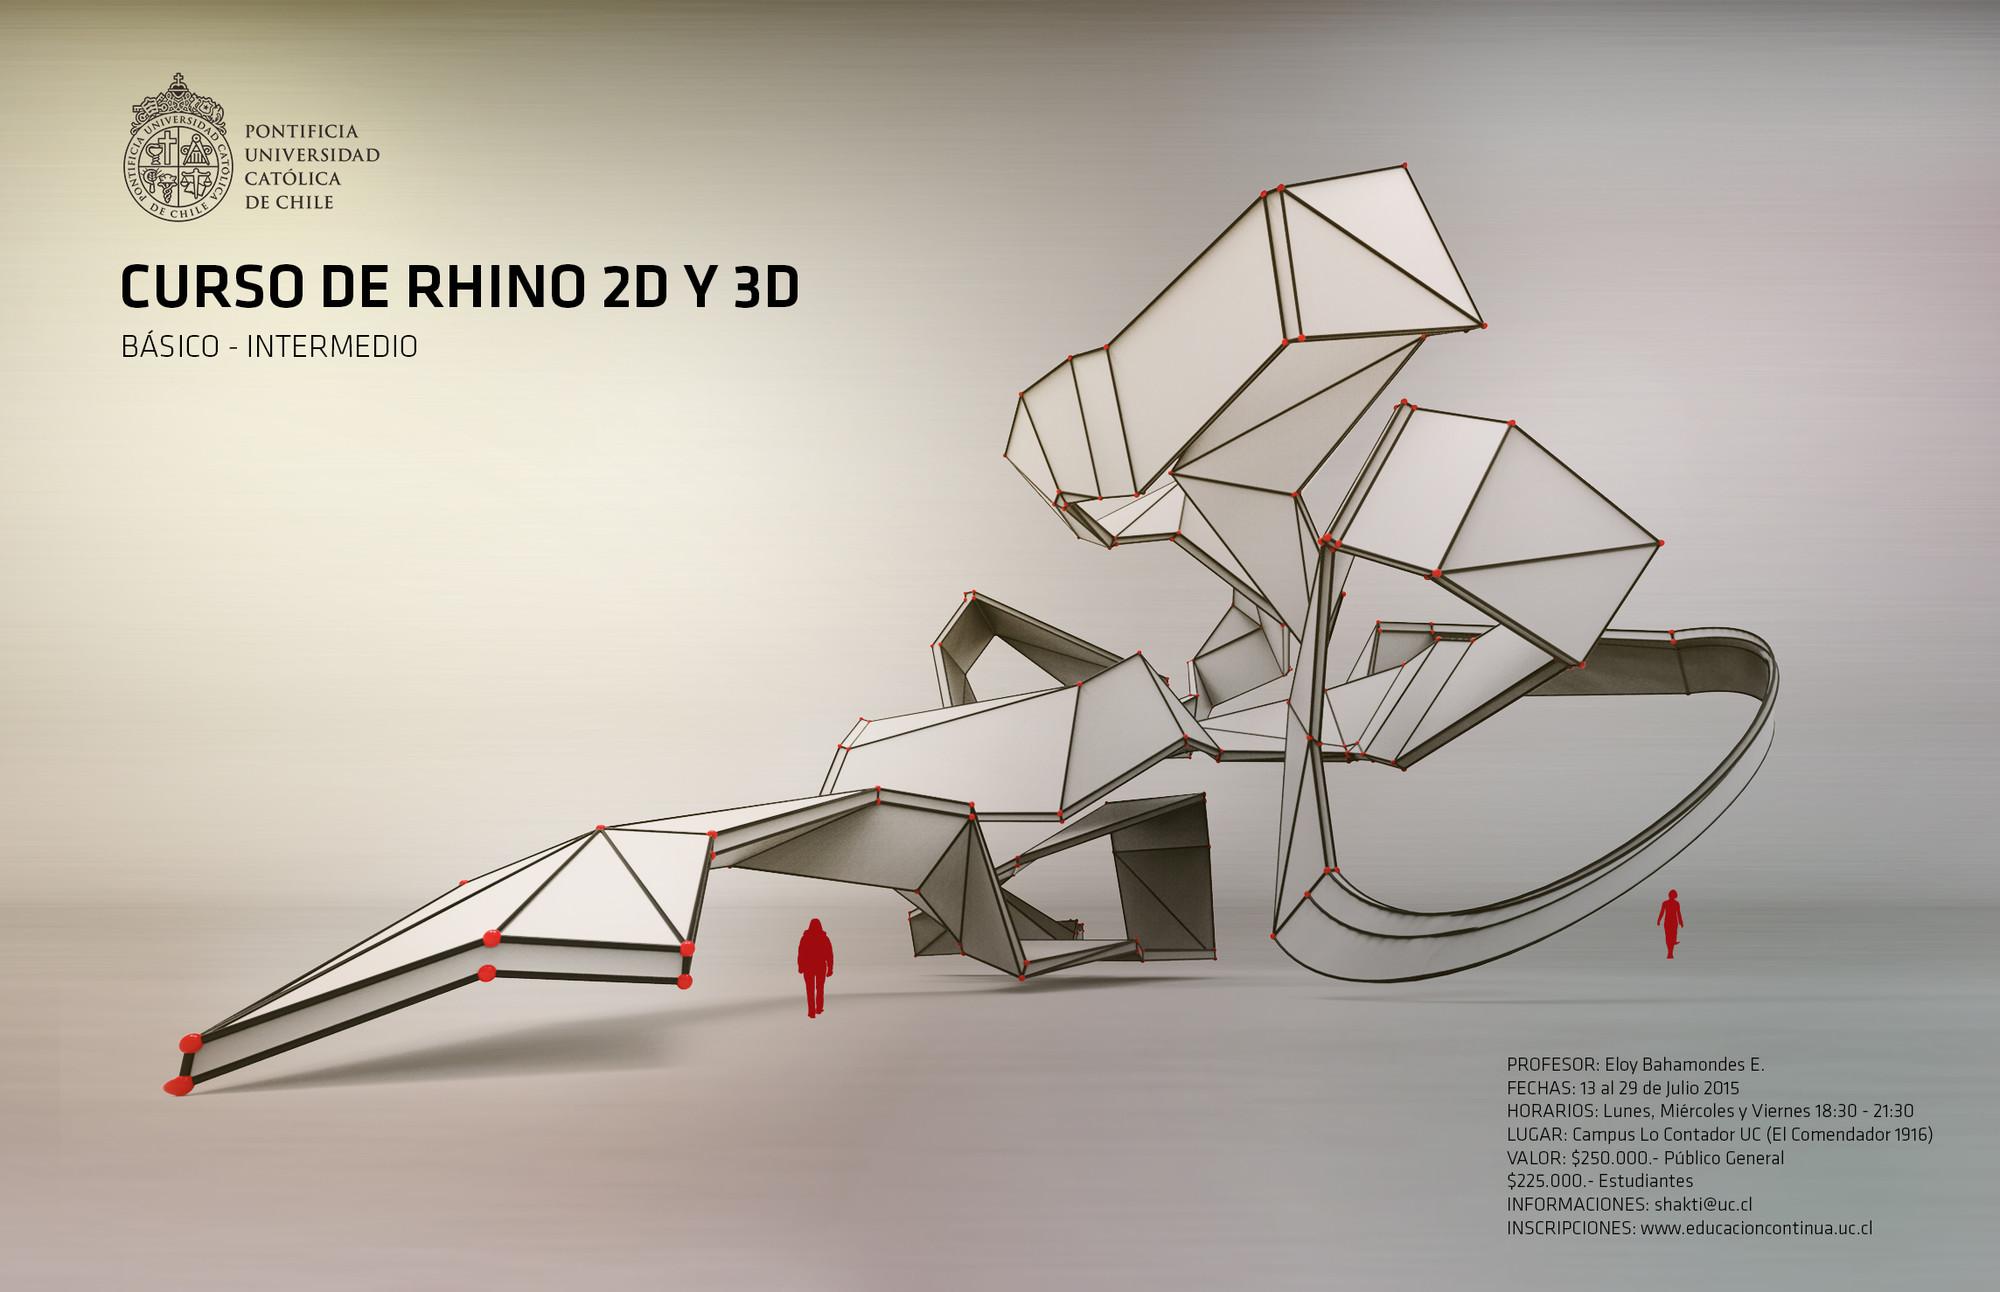 Curso de rhino 2d y 3d escuela de arquitectura uc for Cursos facultad de arquitectura